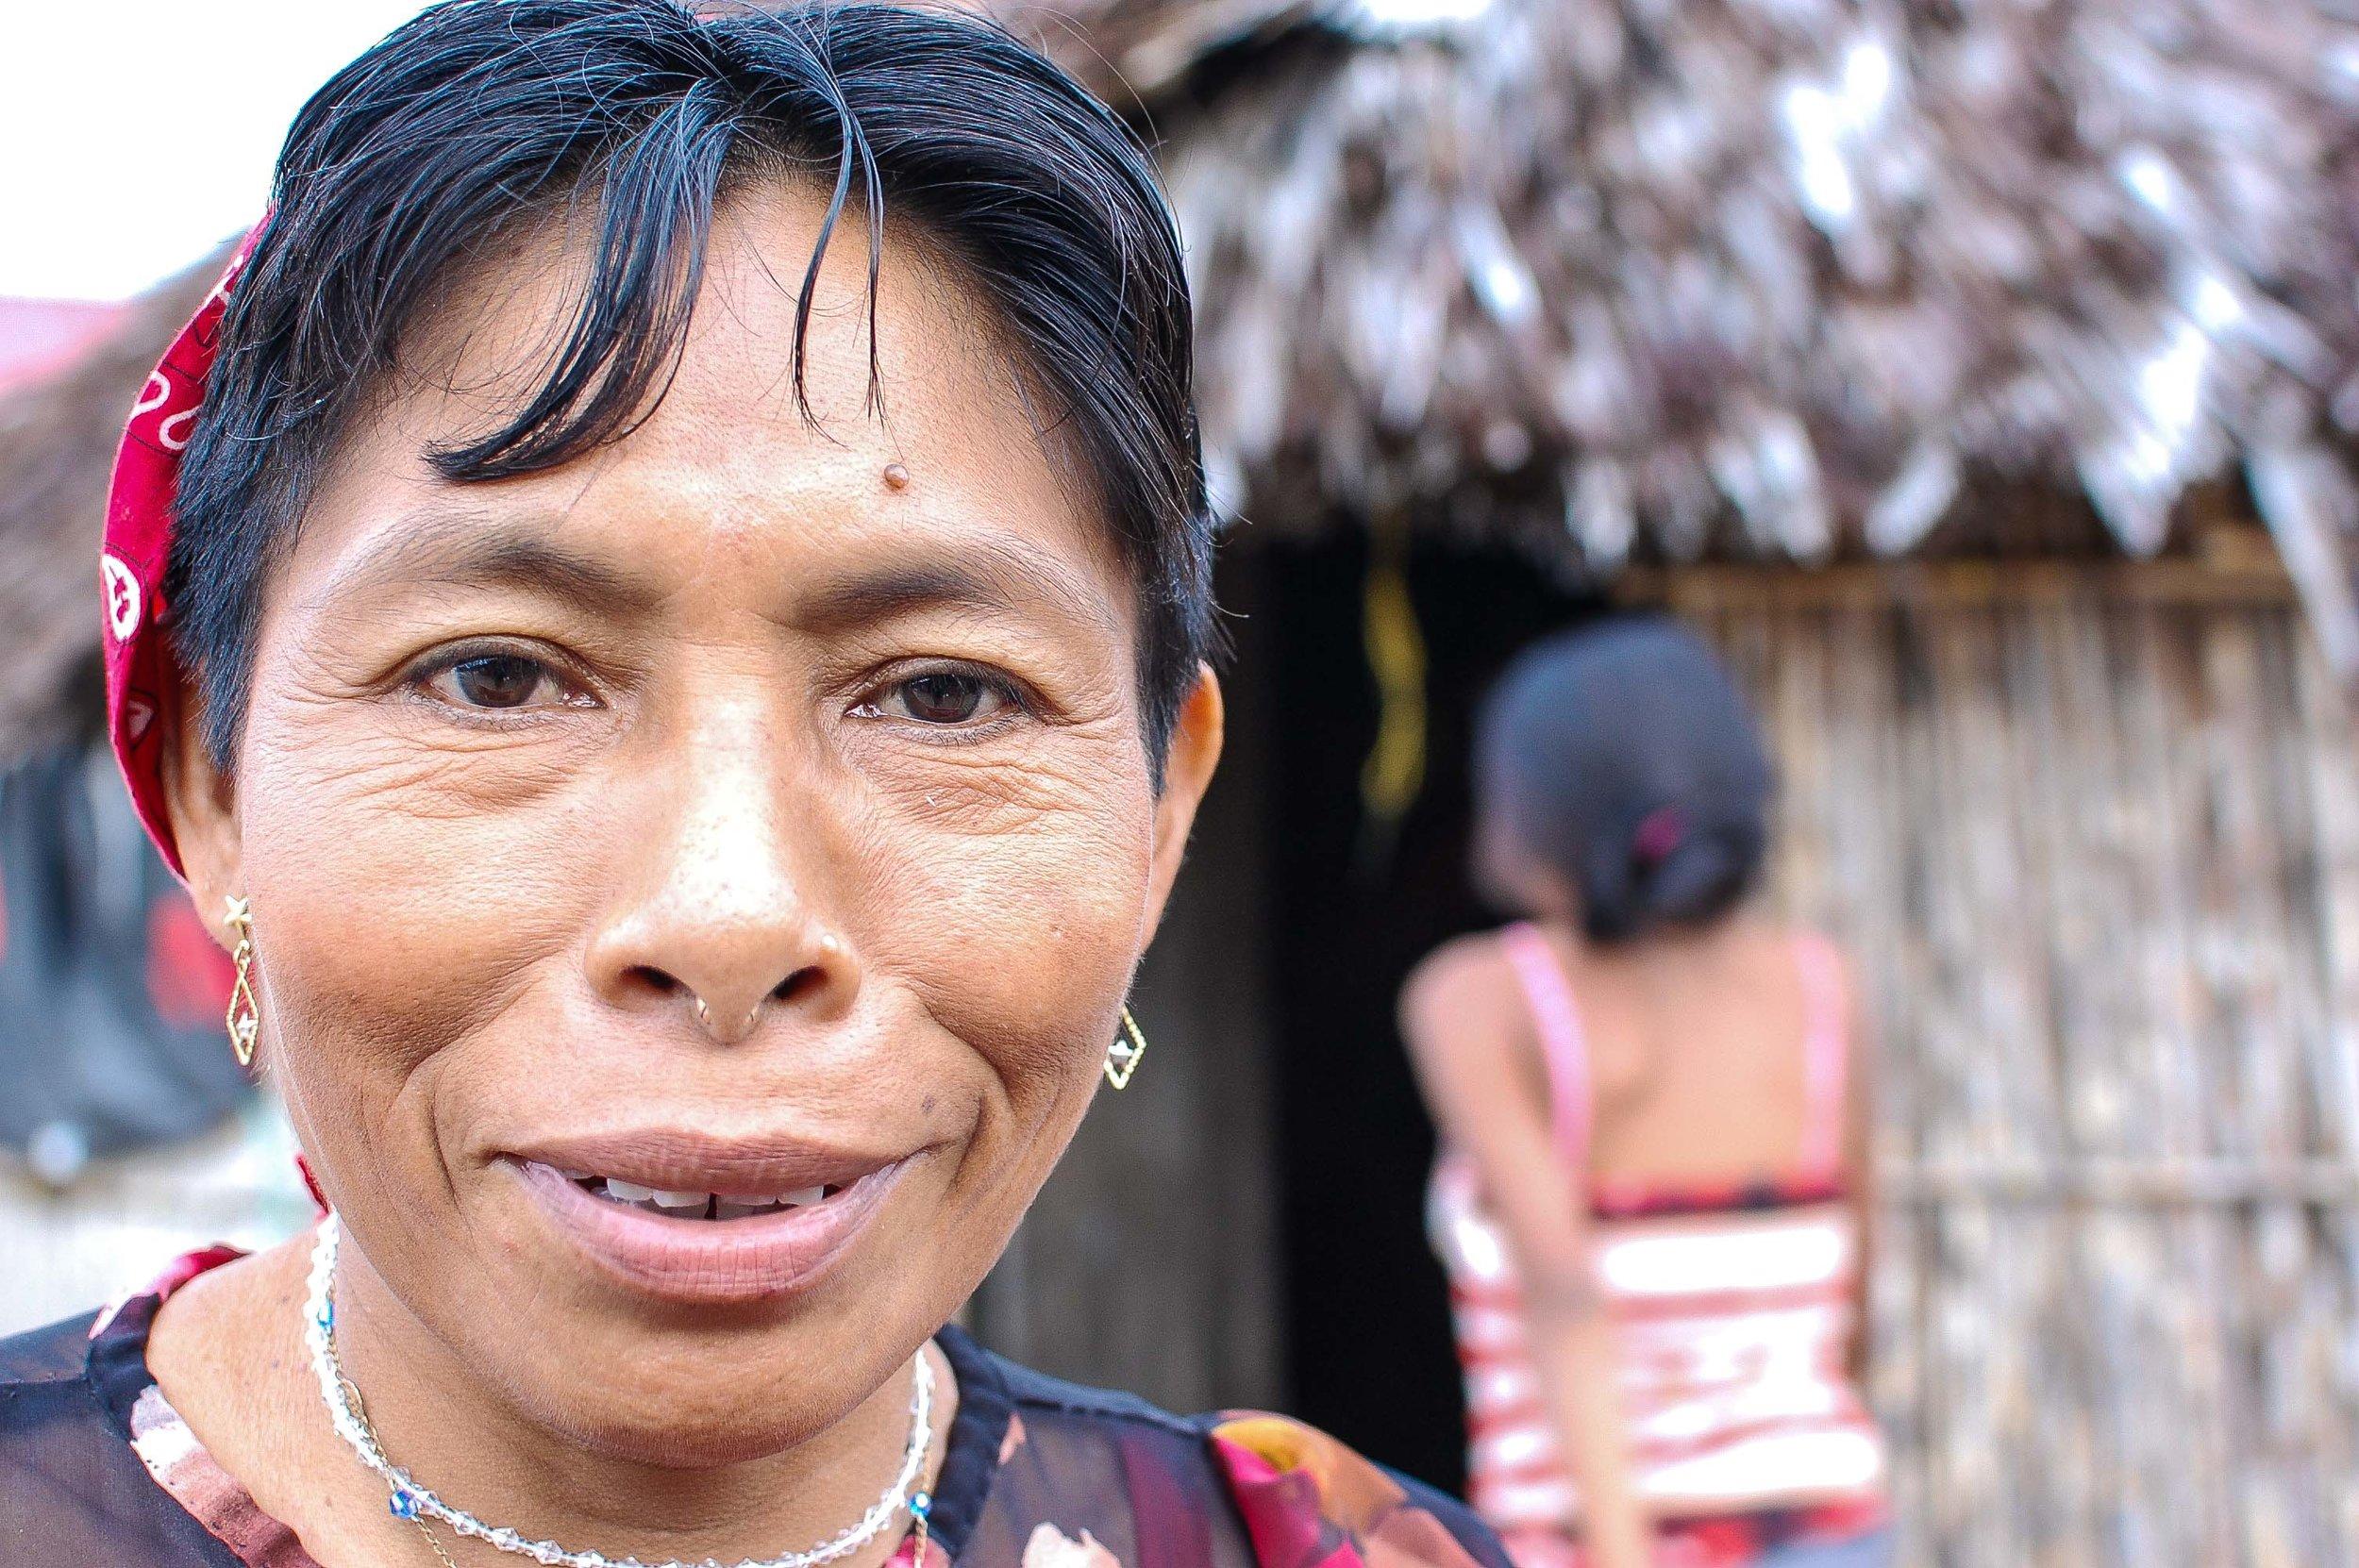 Kuna woman 1